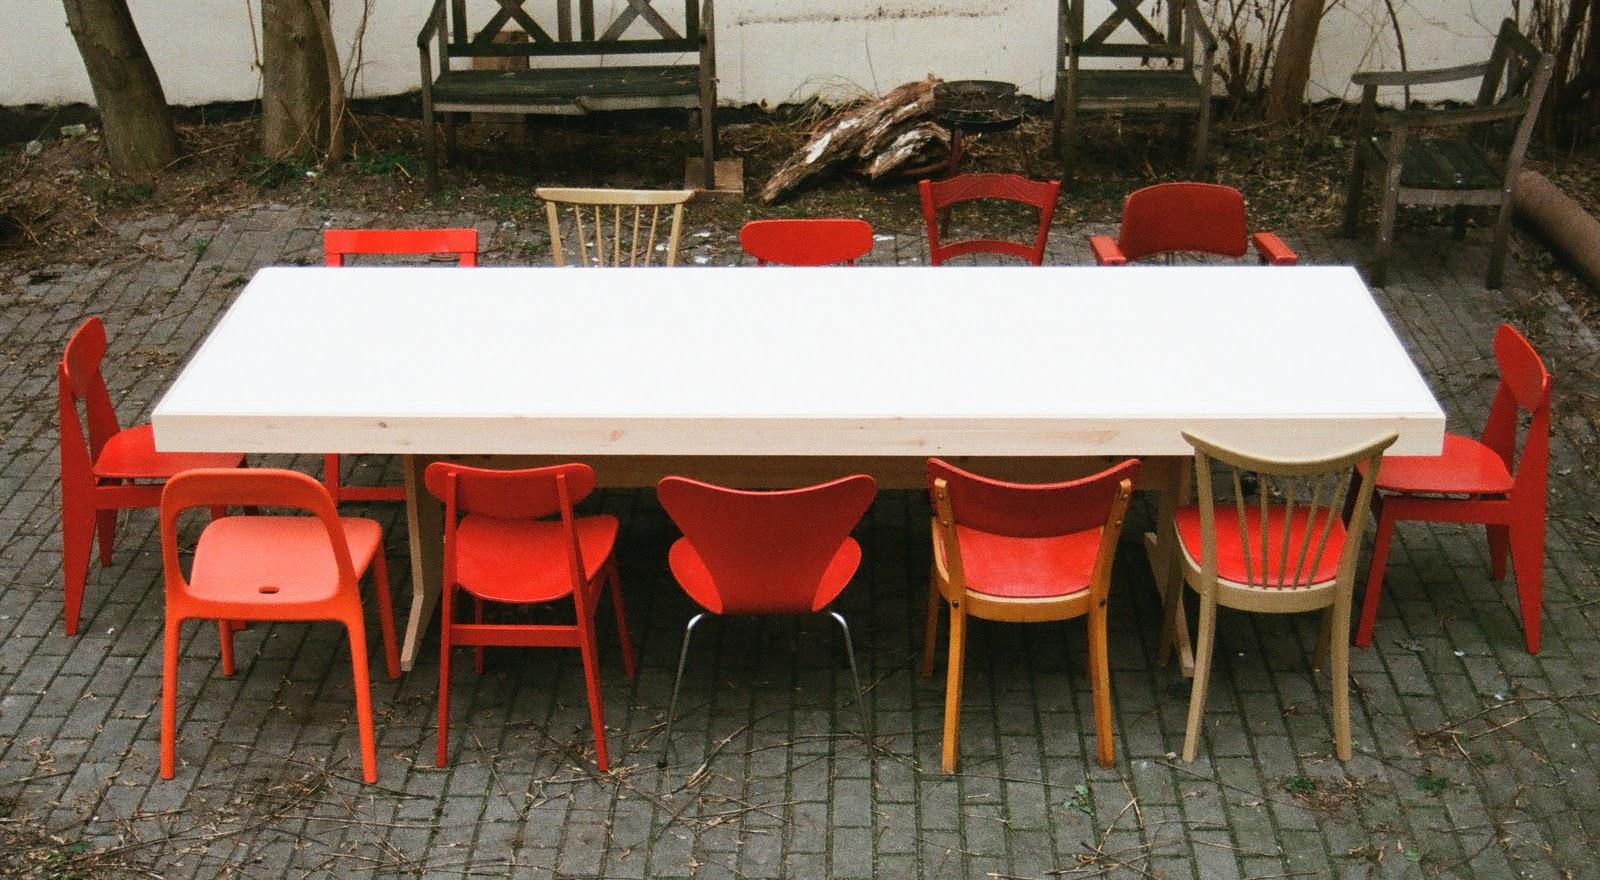 der piscator table ist ein do it yourself mobel aus der reihe des sozialen designprojektes hartz iv mobel hartz iv ist der name der umstrittenen